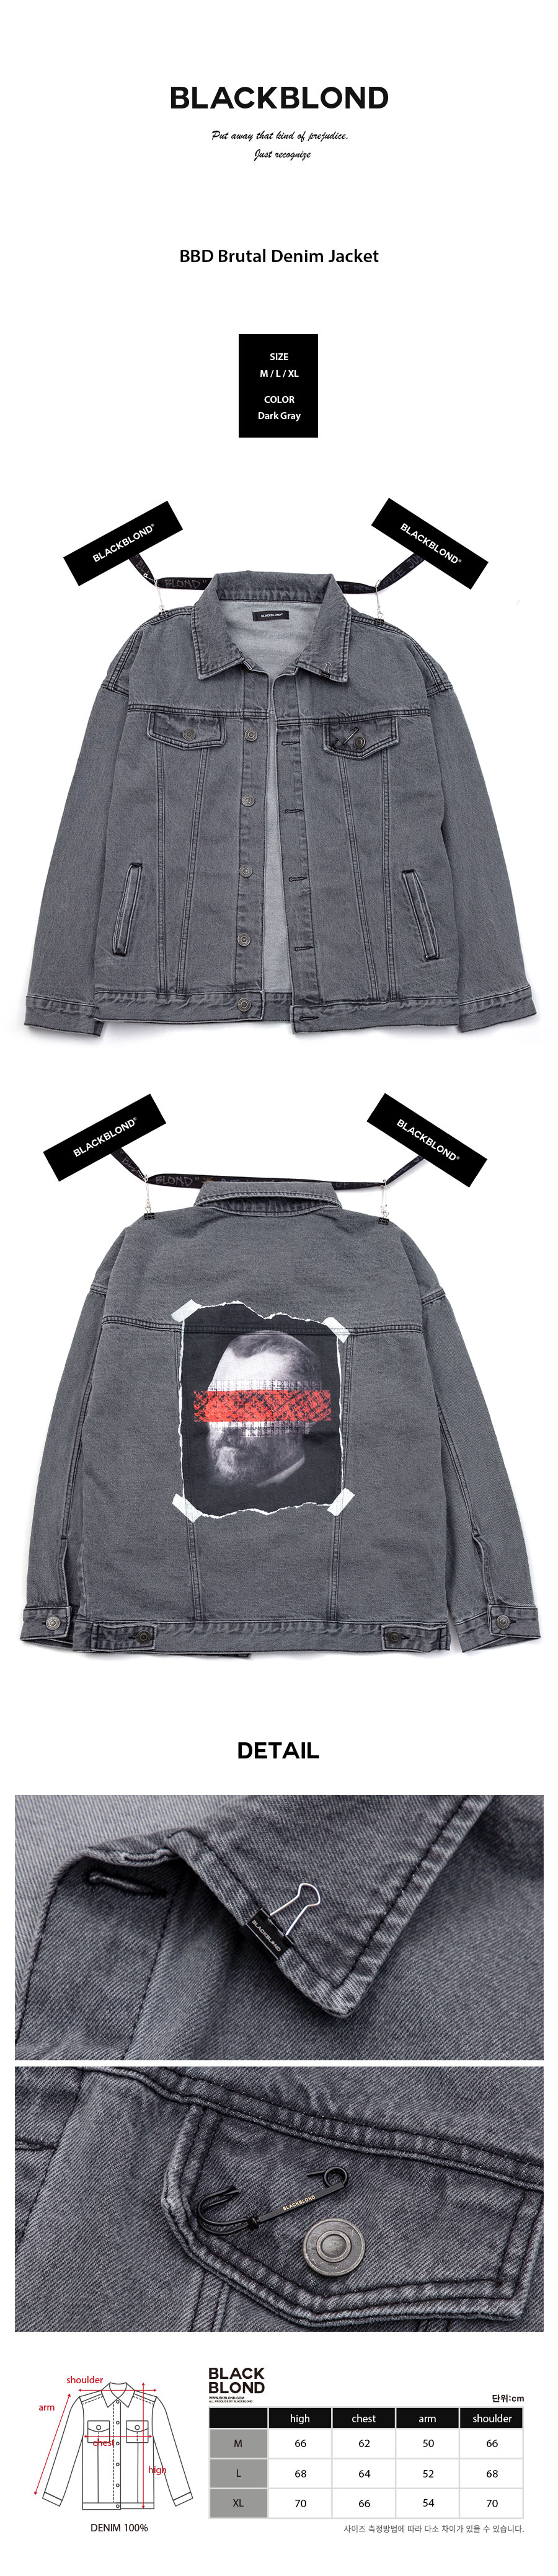 BBD-Brutal-Denim-Jacket-%28Dark-Gray%29.jpg